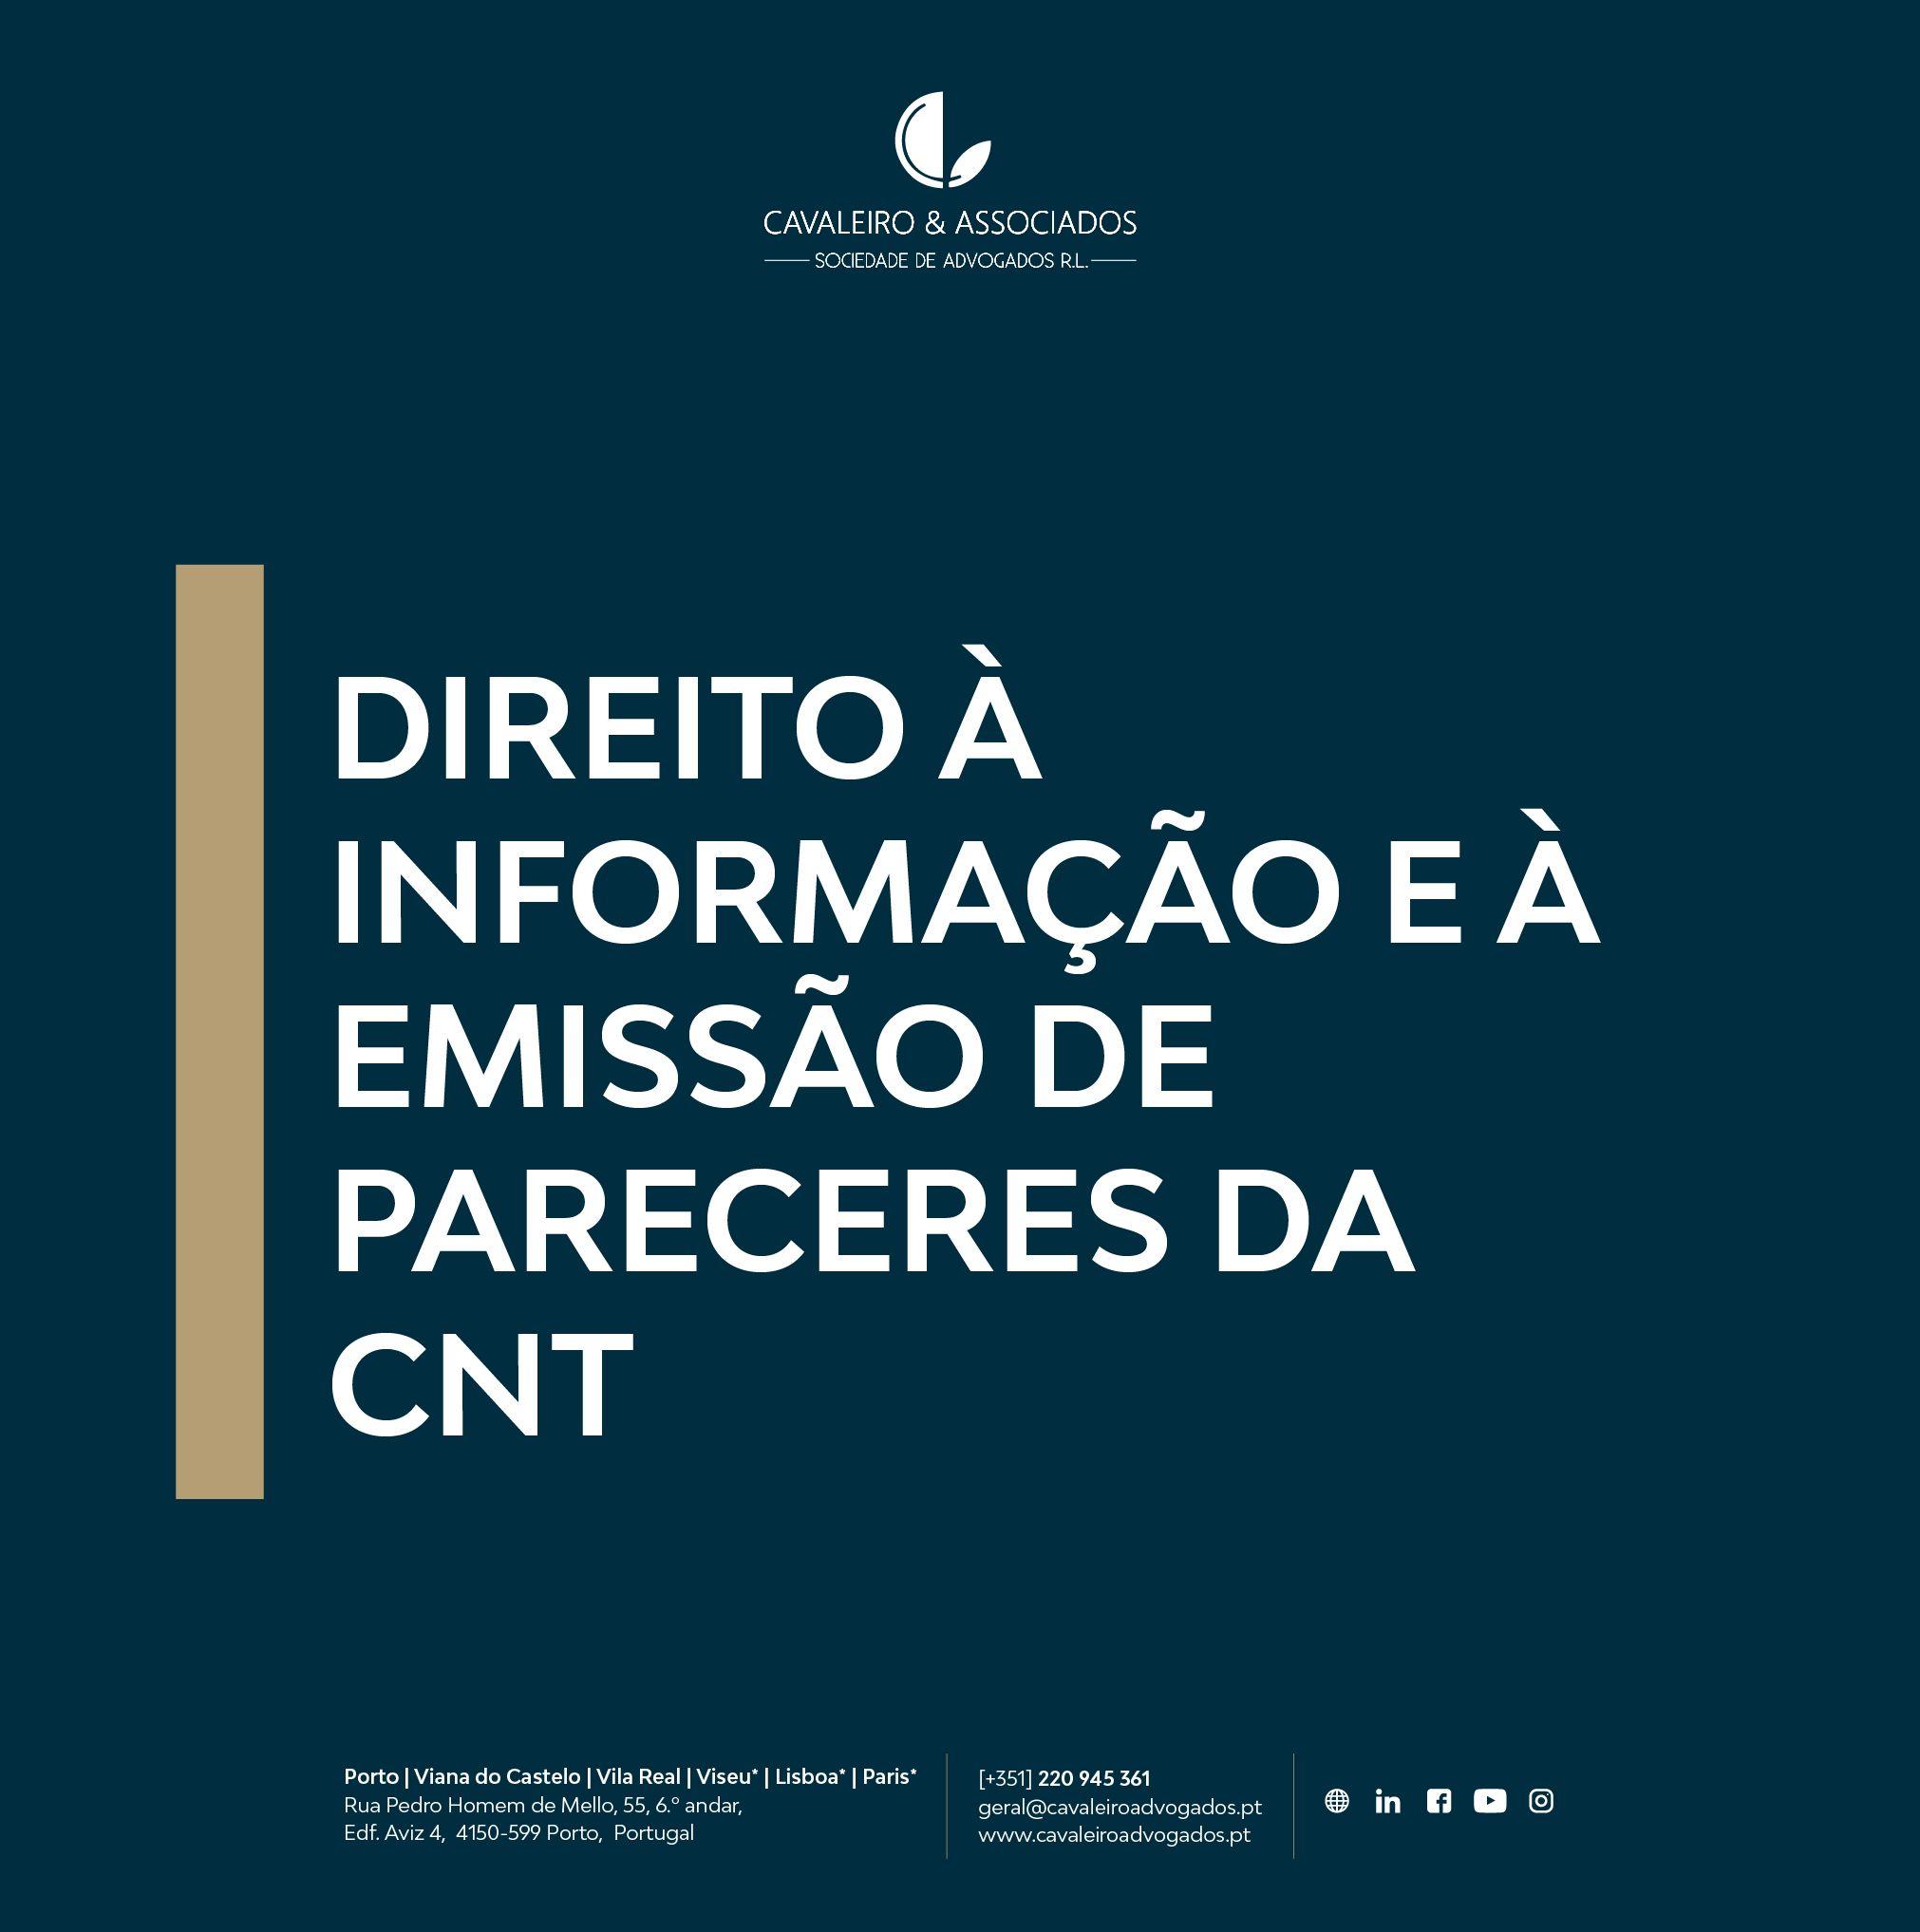 DIREITO À INFORMAÇÃO E À EMISSÃO DE PARECERES DA CNT